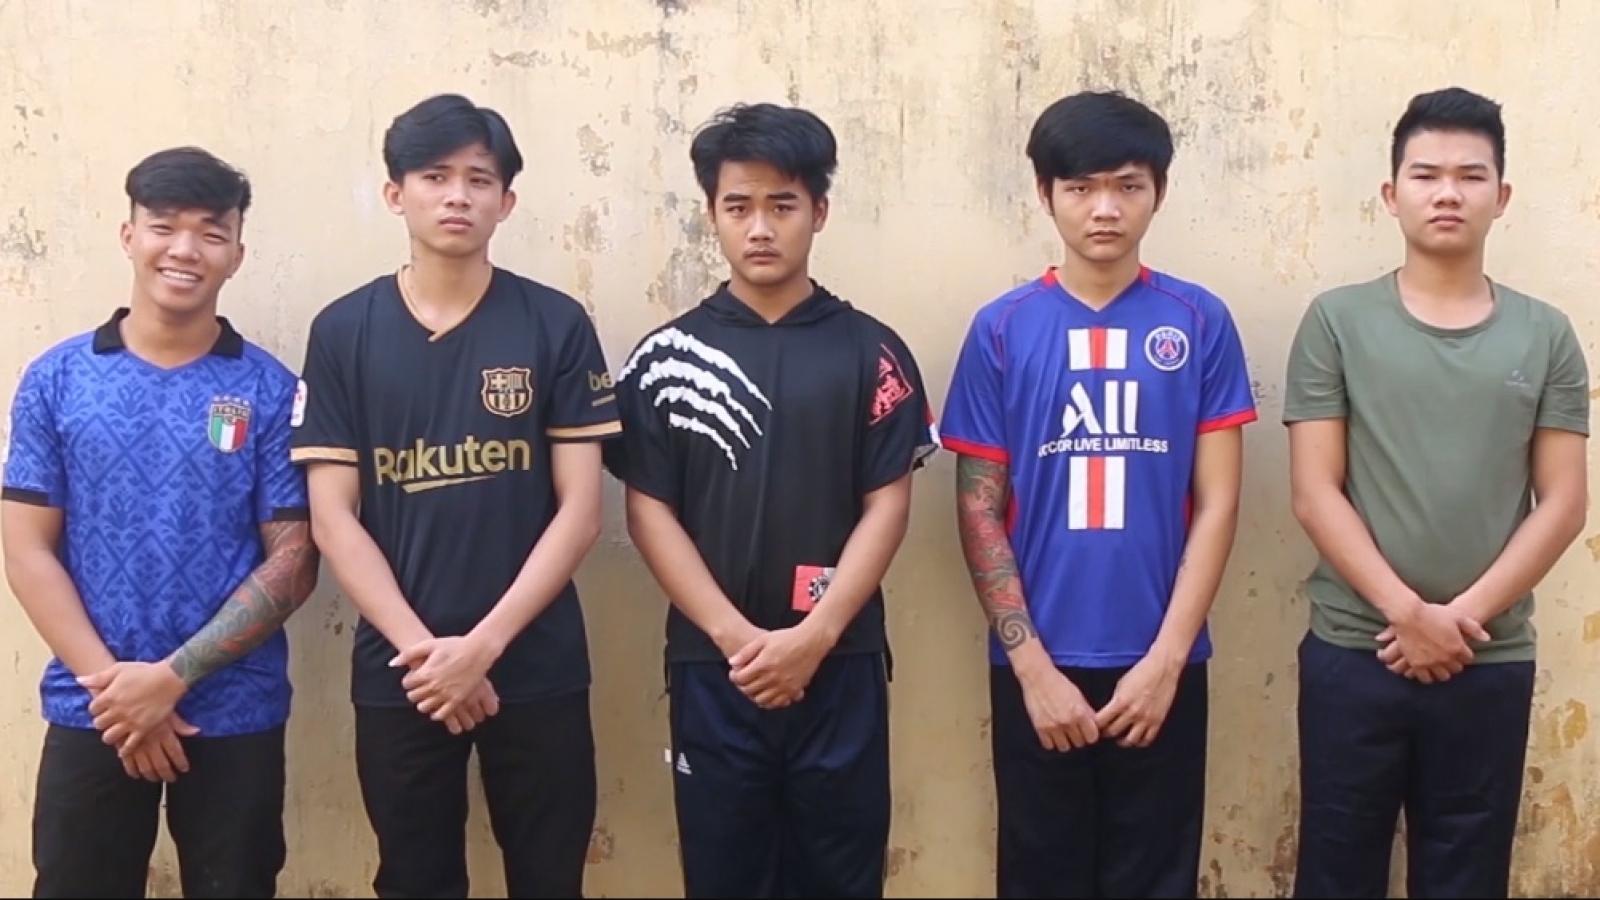 Khởi tố nhóm đối tượng dùng hung khí chém người ở Bình Phước